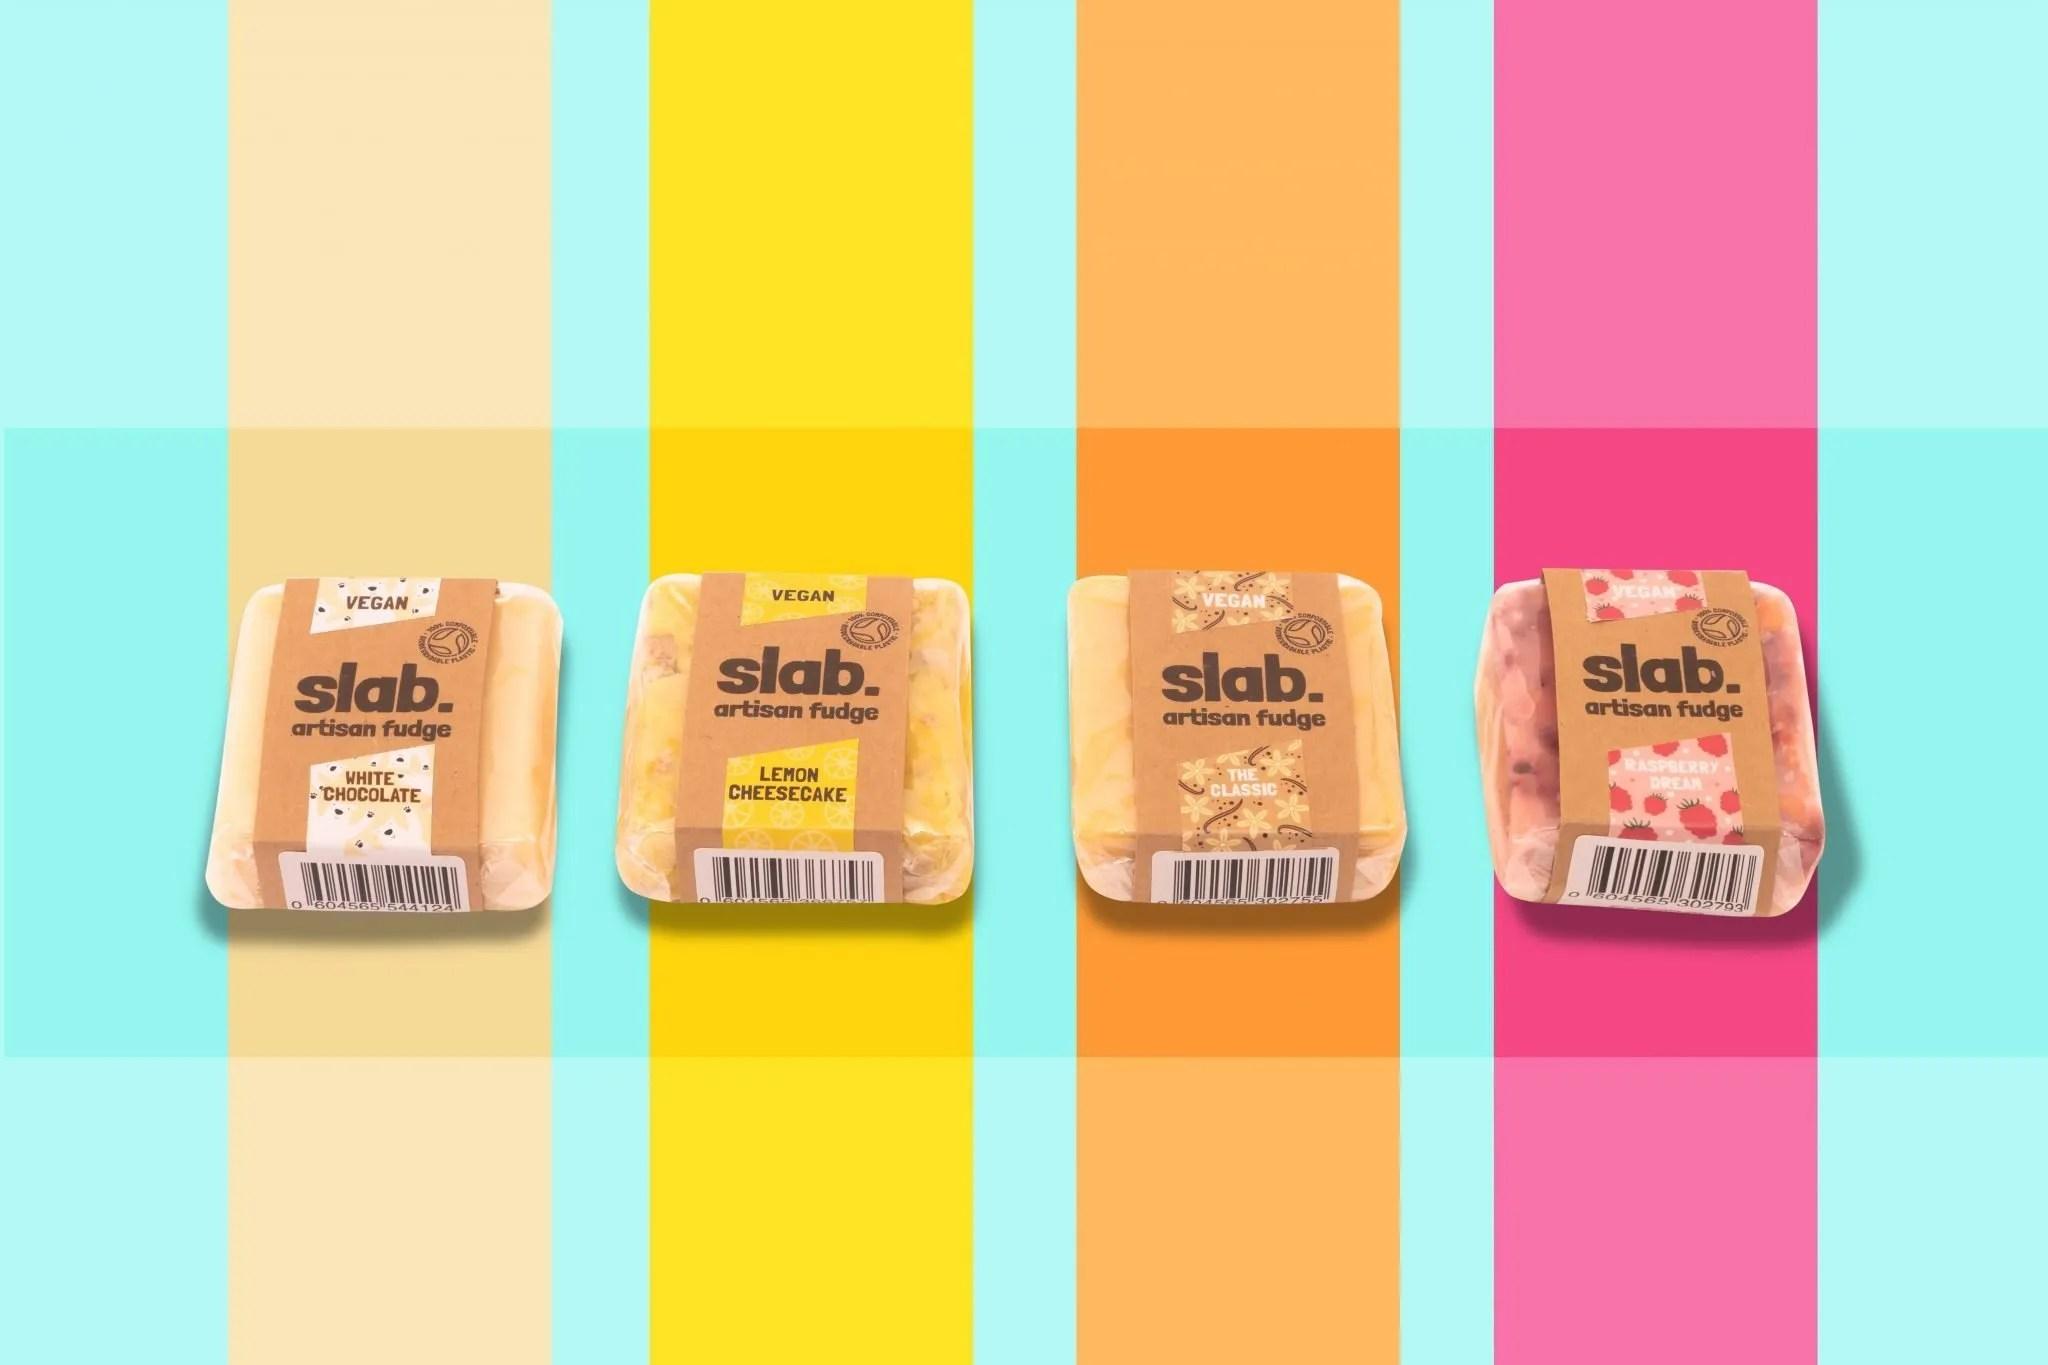 Slab Artisan Fudge Creative Photo - Vegan Stripes